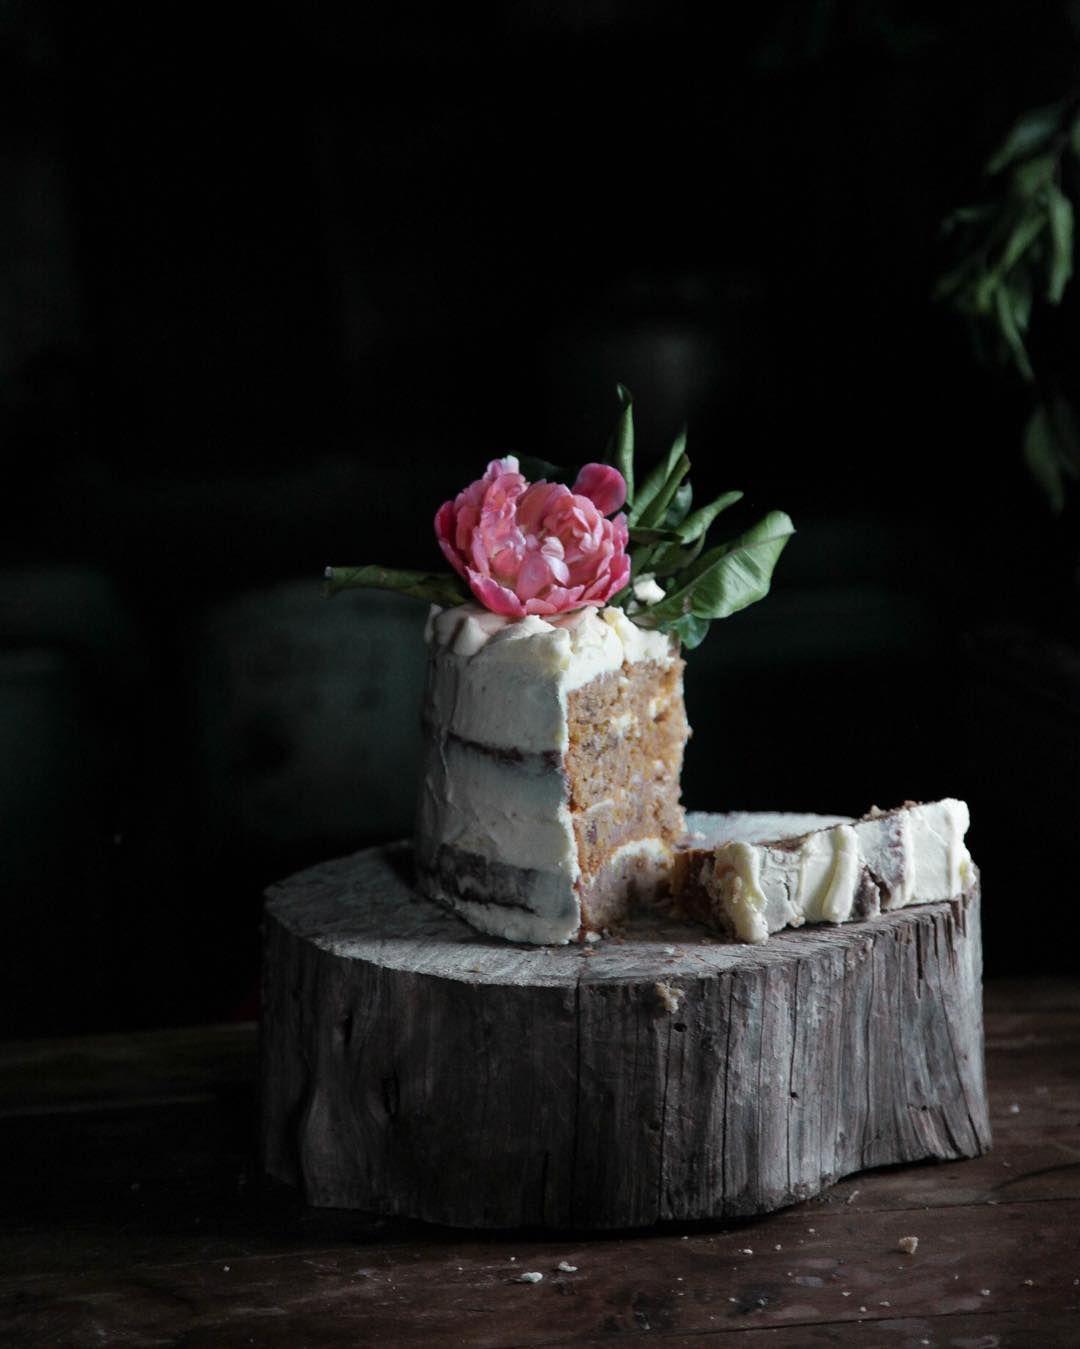 organic carrot cake by Brisbane baker Gillian Bell